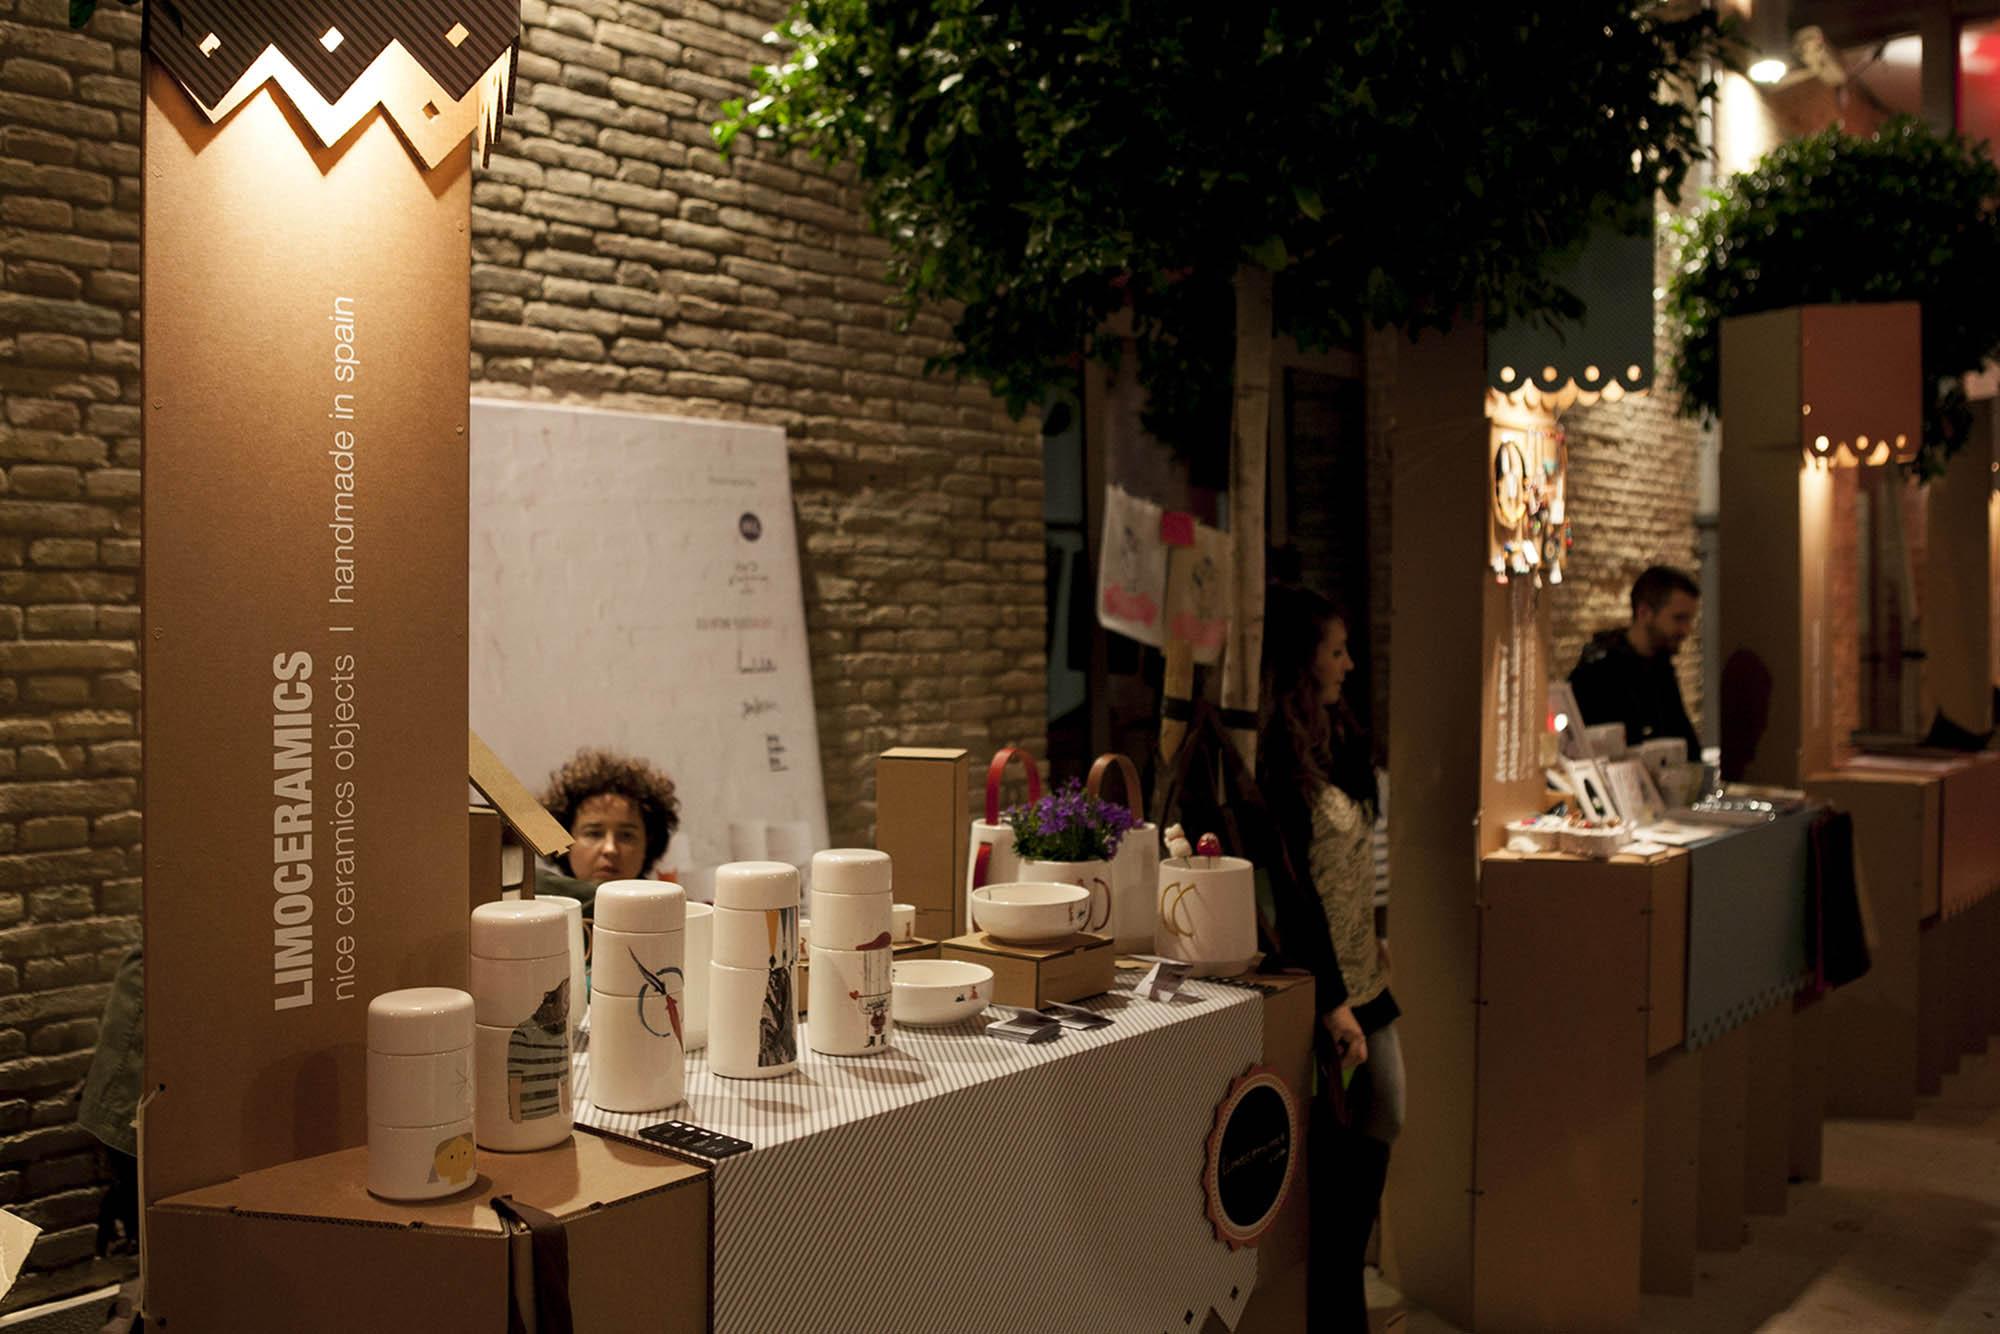 Festival Market de Navidad en Las Naves 2012